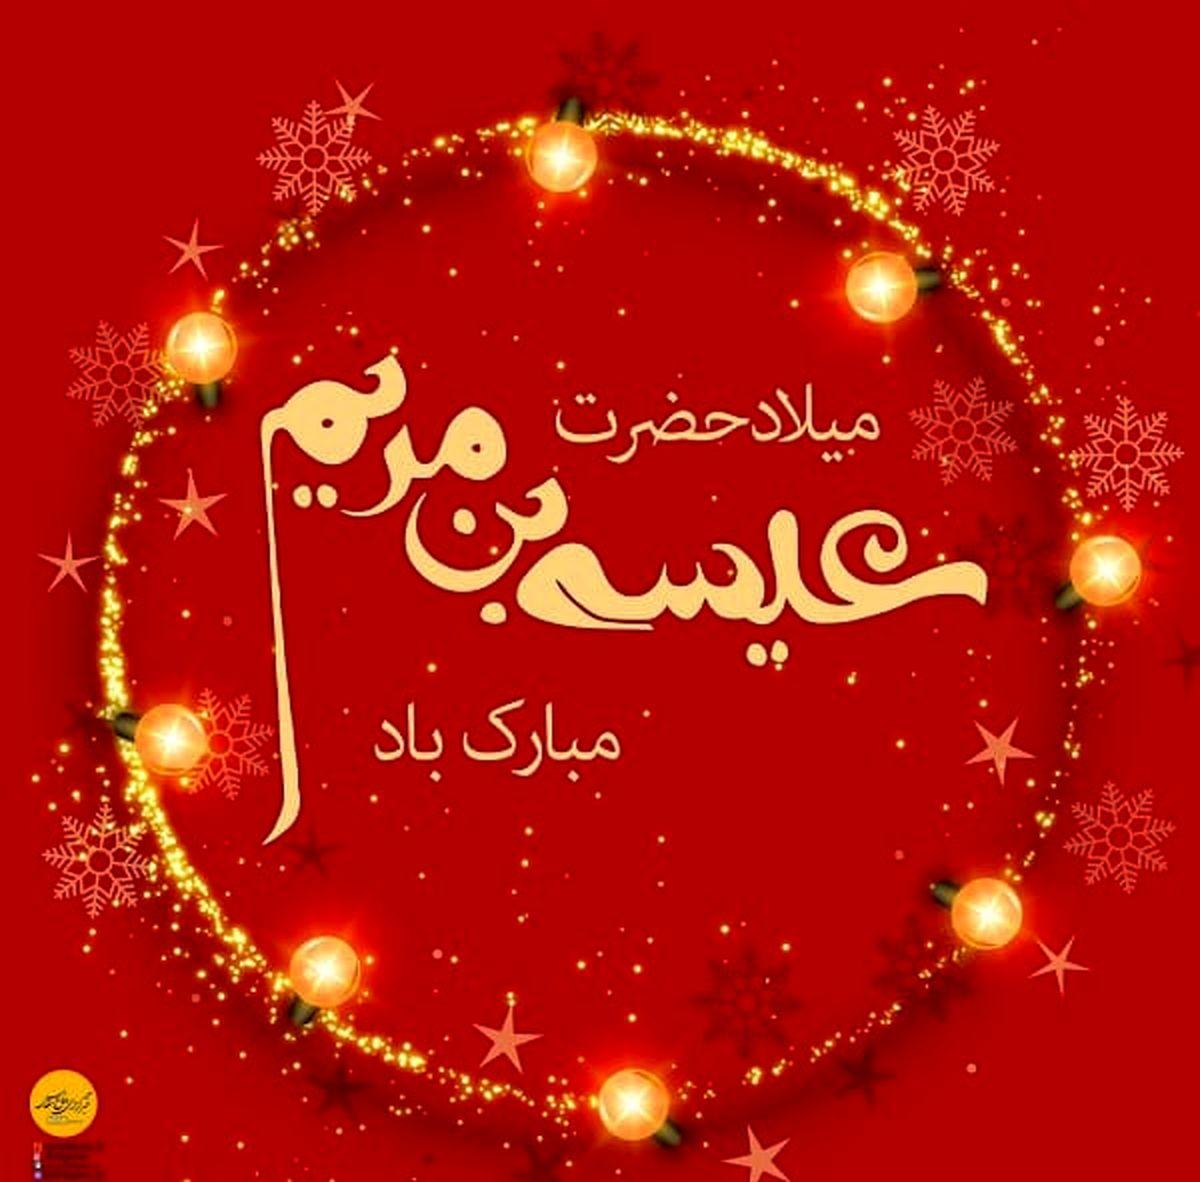 اس ام اس تبریک ولادت حضرت عیسی مسیح (ع)